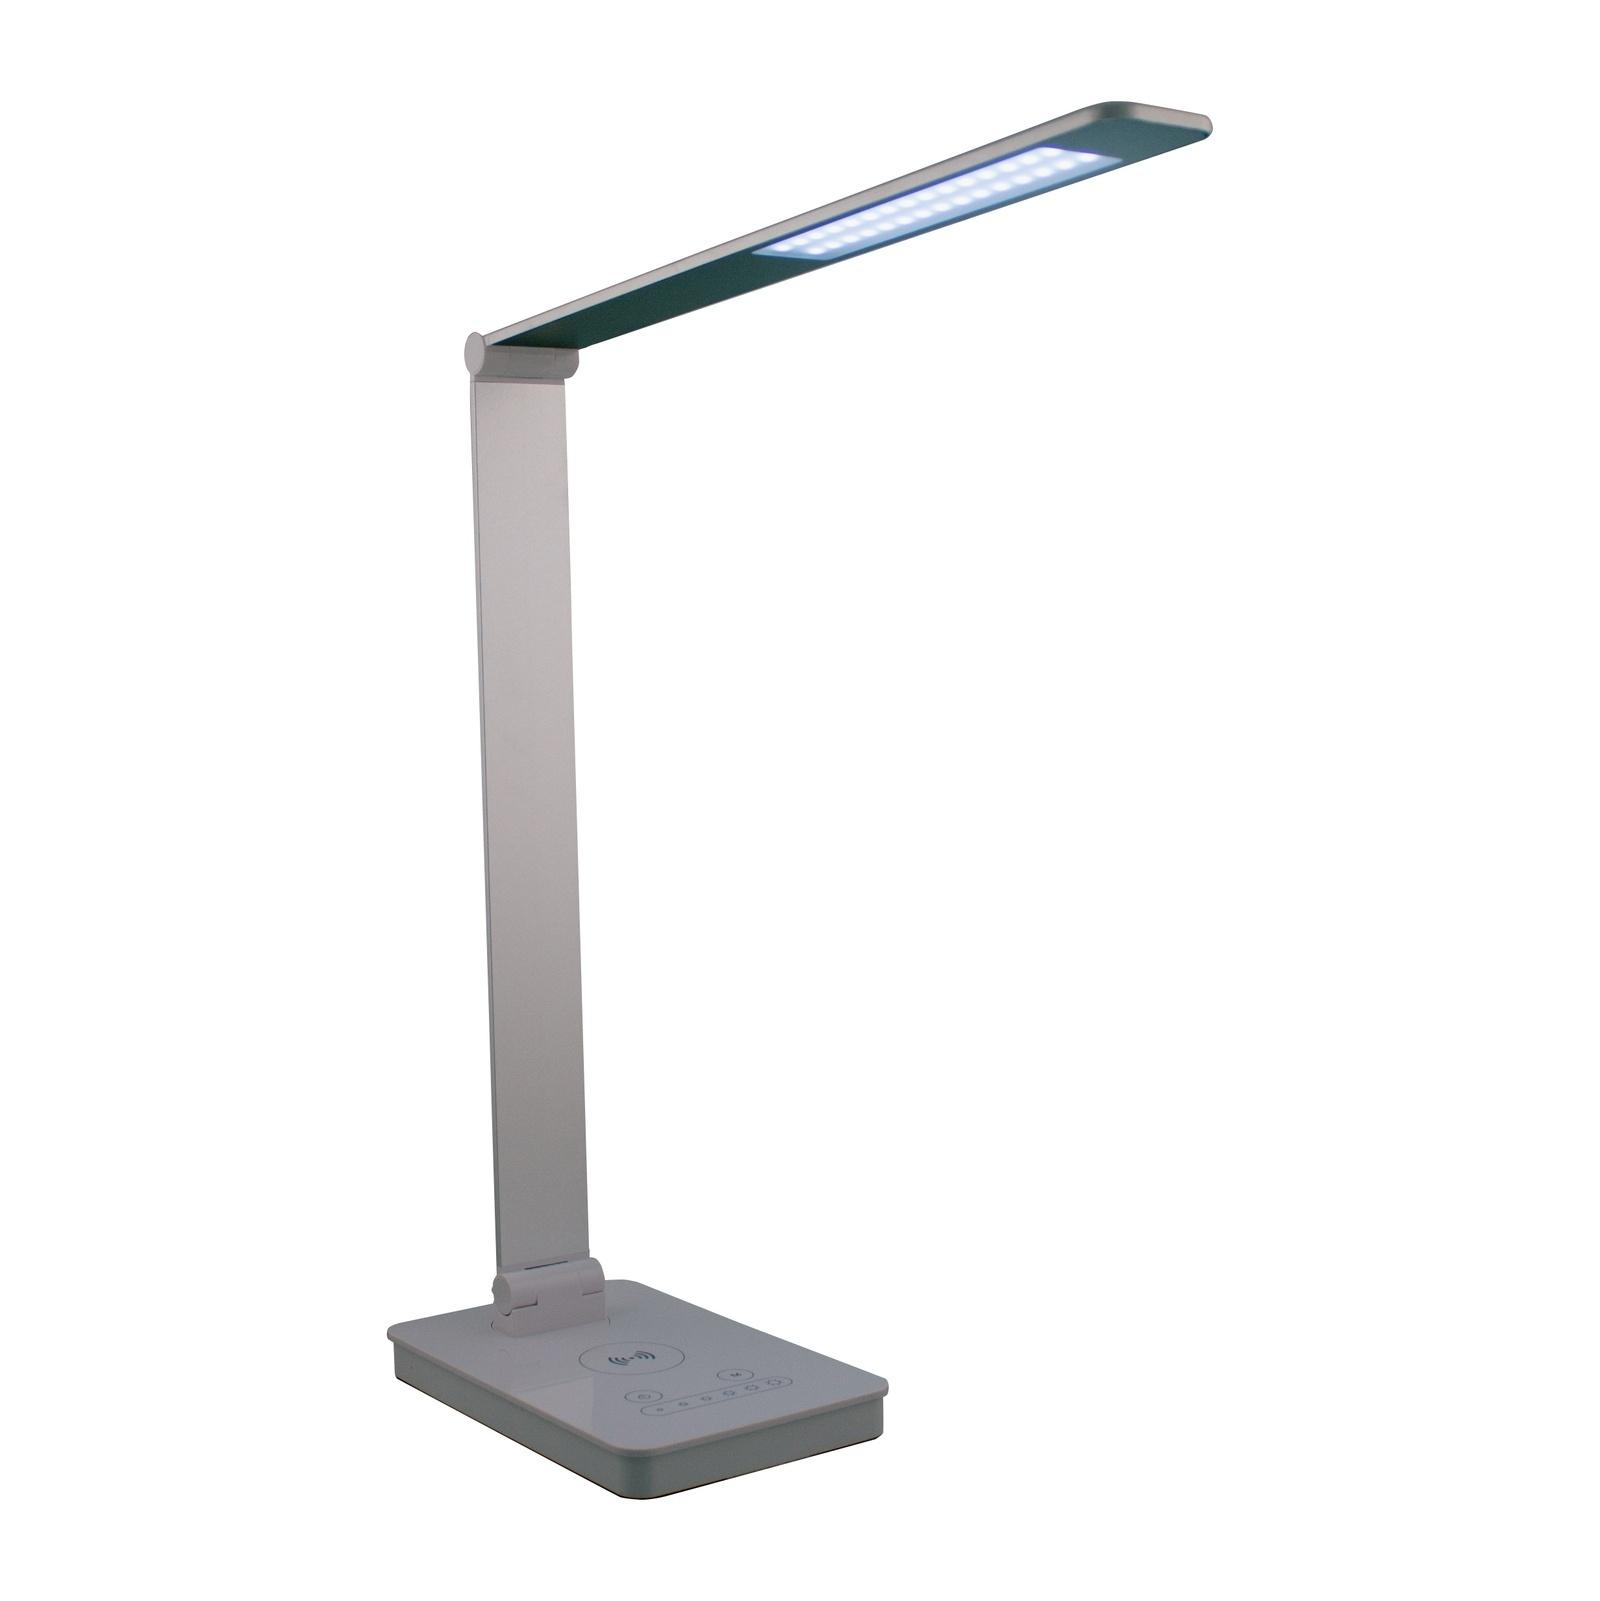 Настольная лампа светодиодная СТ72 св-к настольный св/д 10W(745lm) сенсор/дим-р, USB, беспроводное з/у для моб.устр, серебр